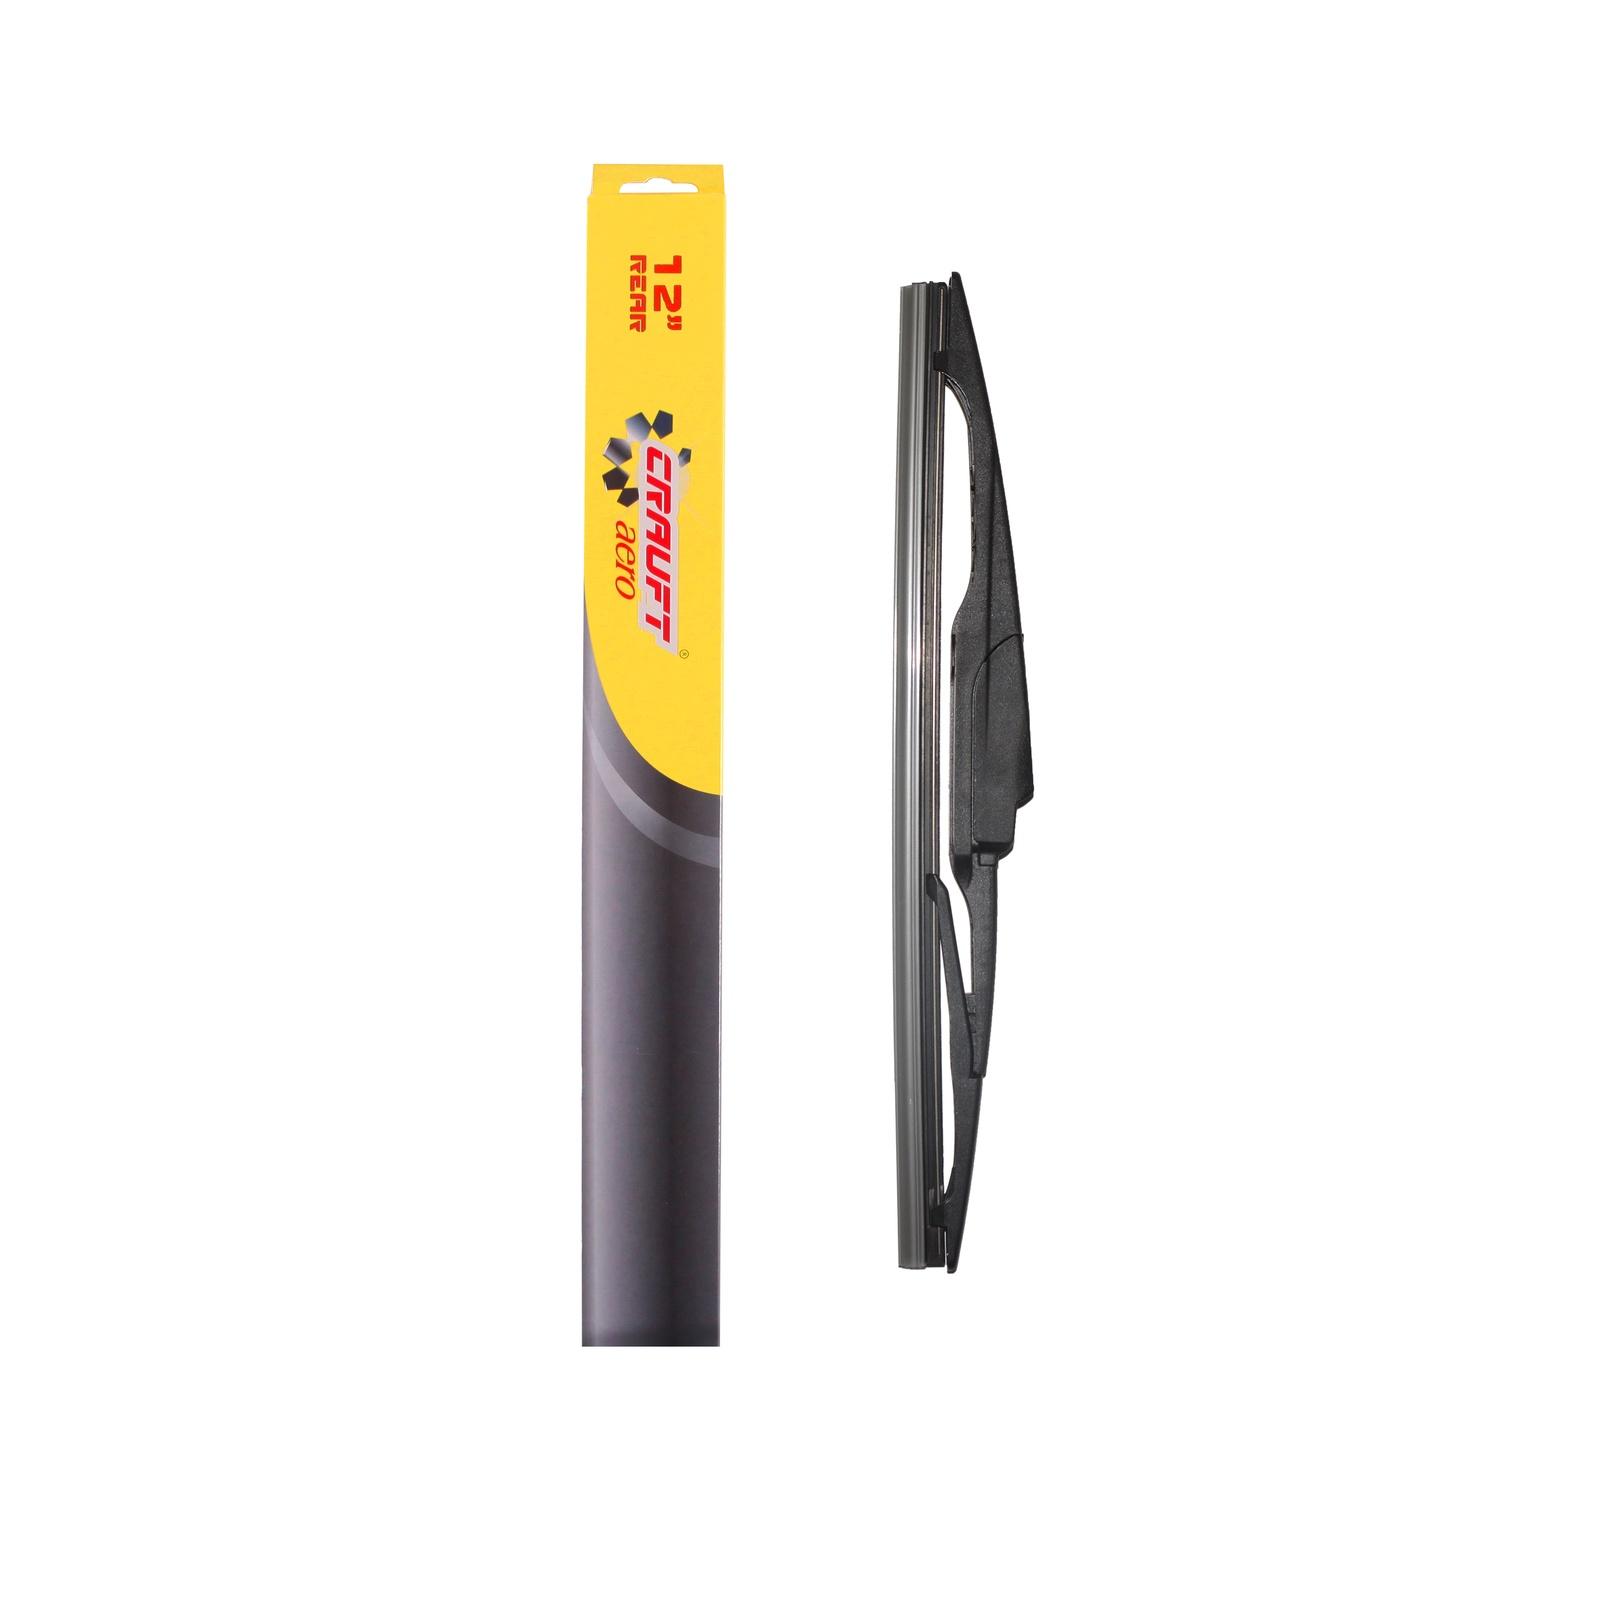 цена на Щетка стеклоочистителя CRAUFT 12R 30 см задняя